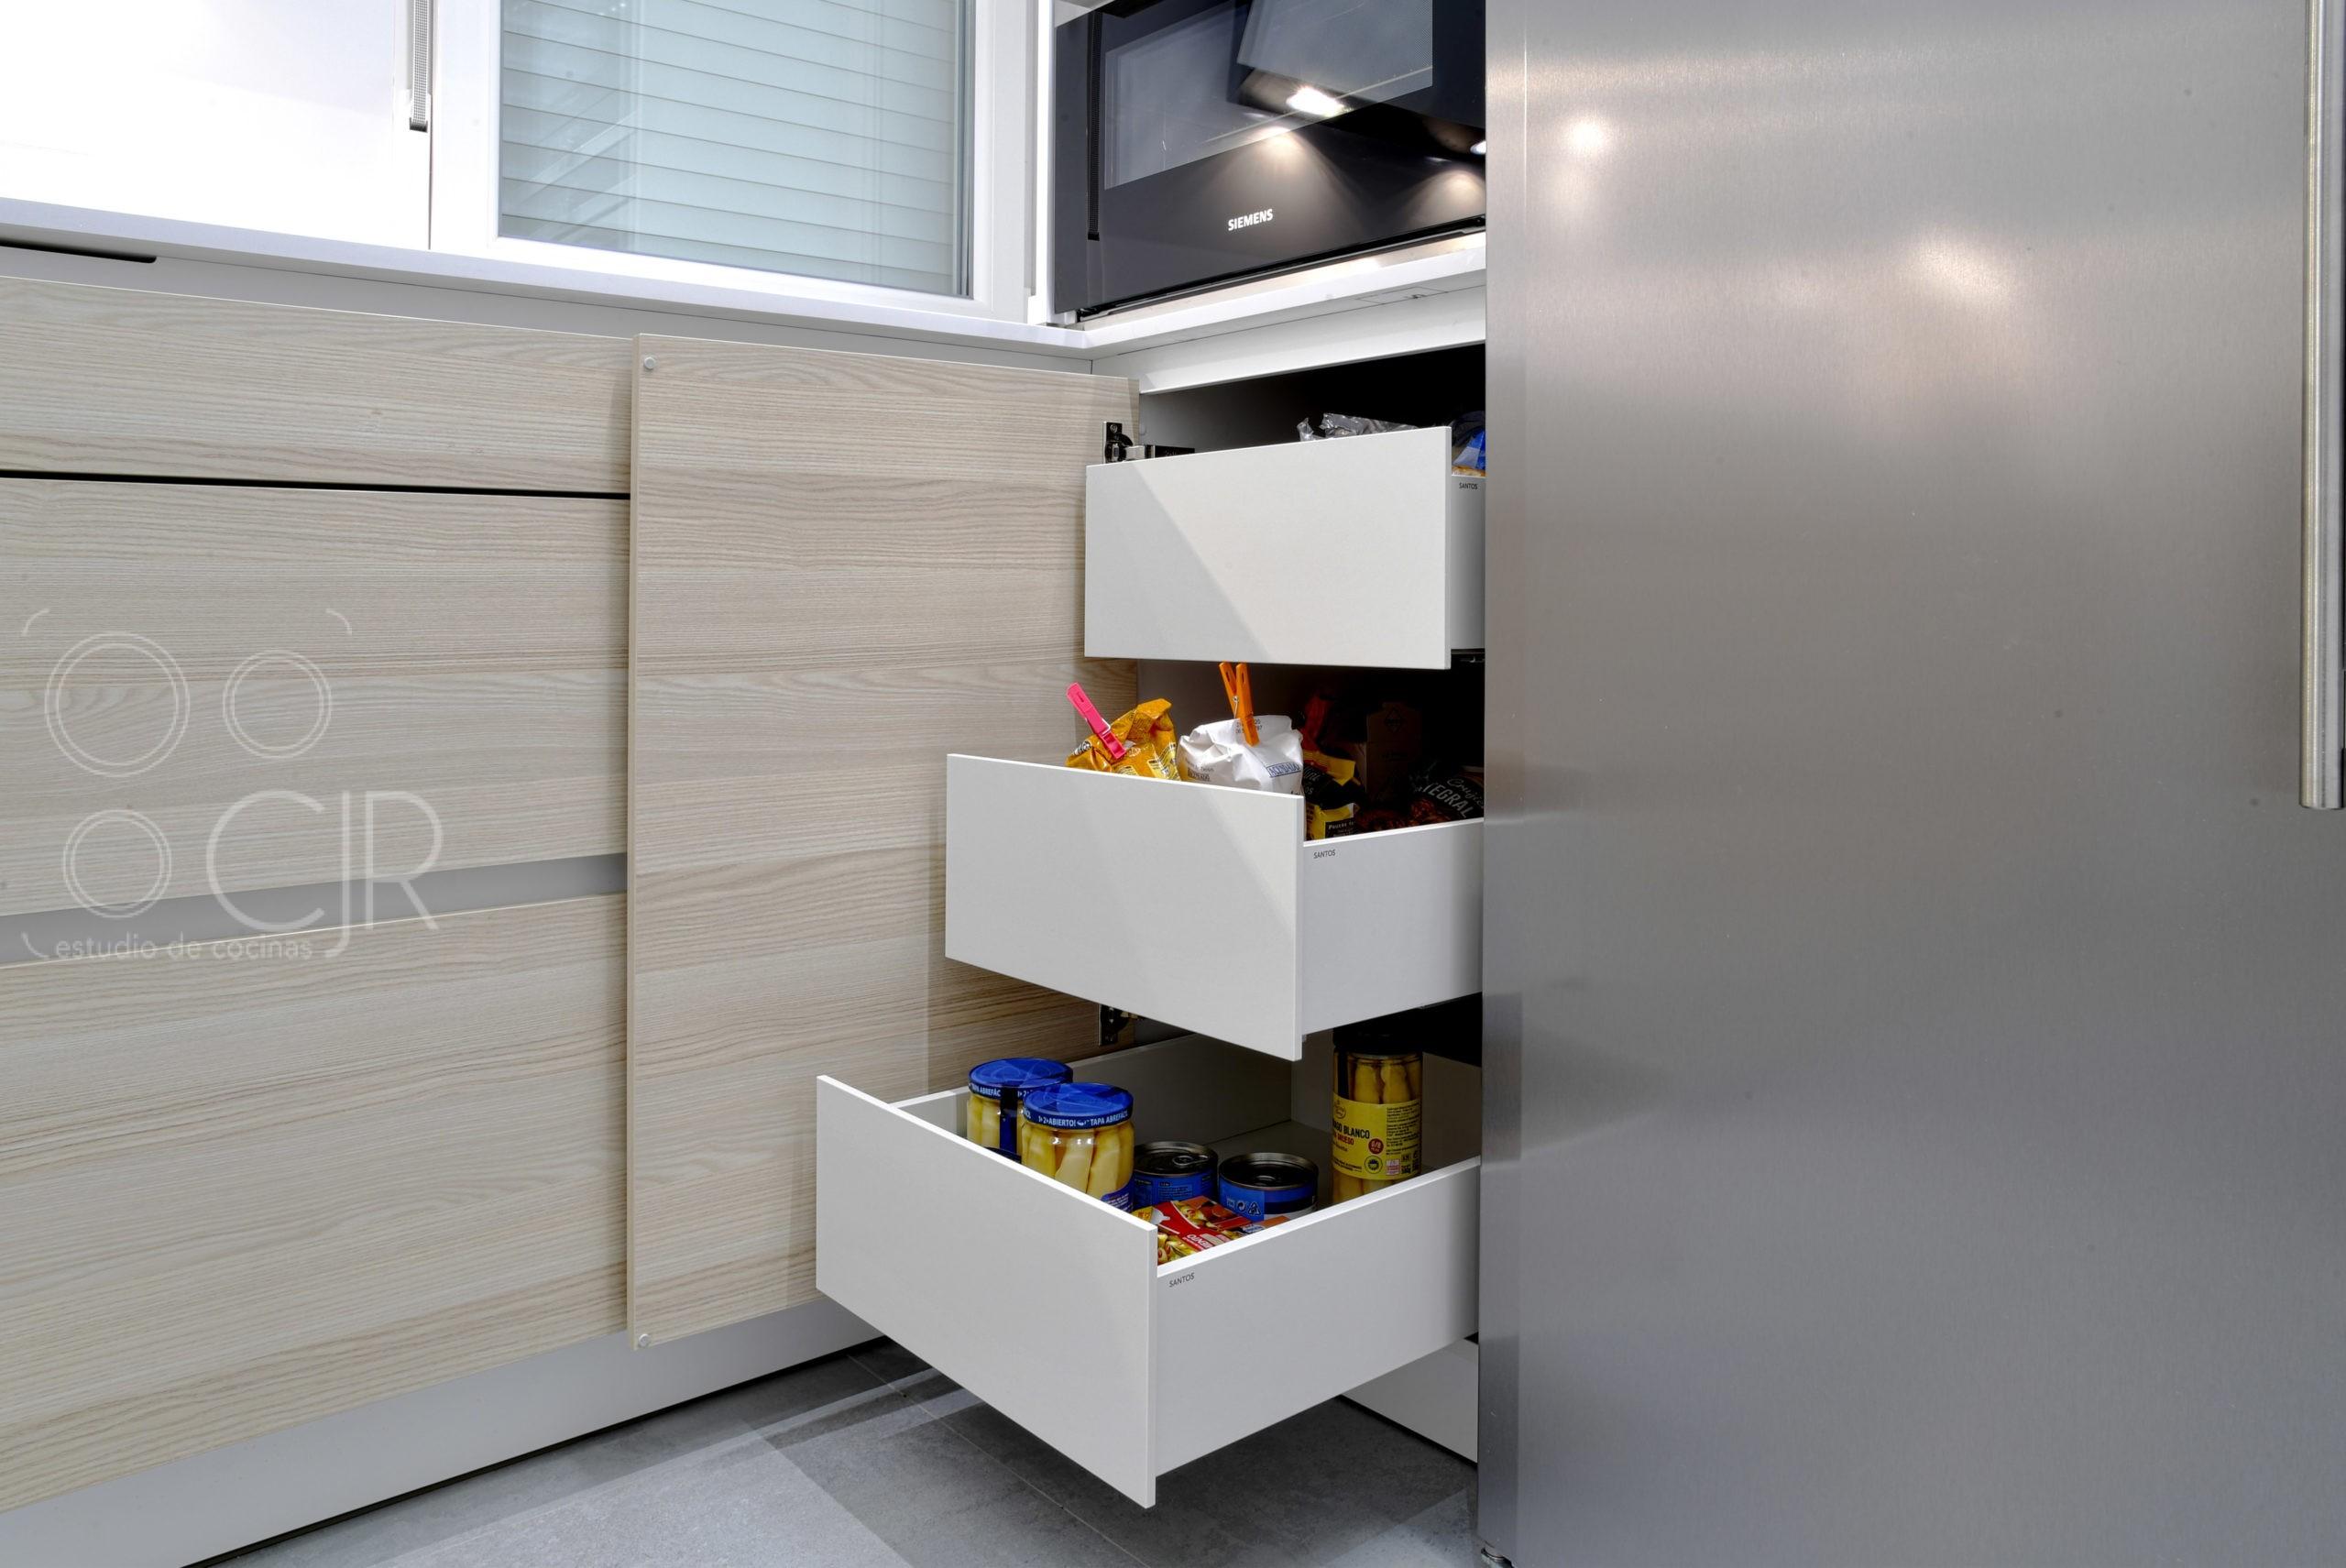 cojones interiores cocinas modernas